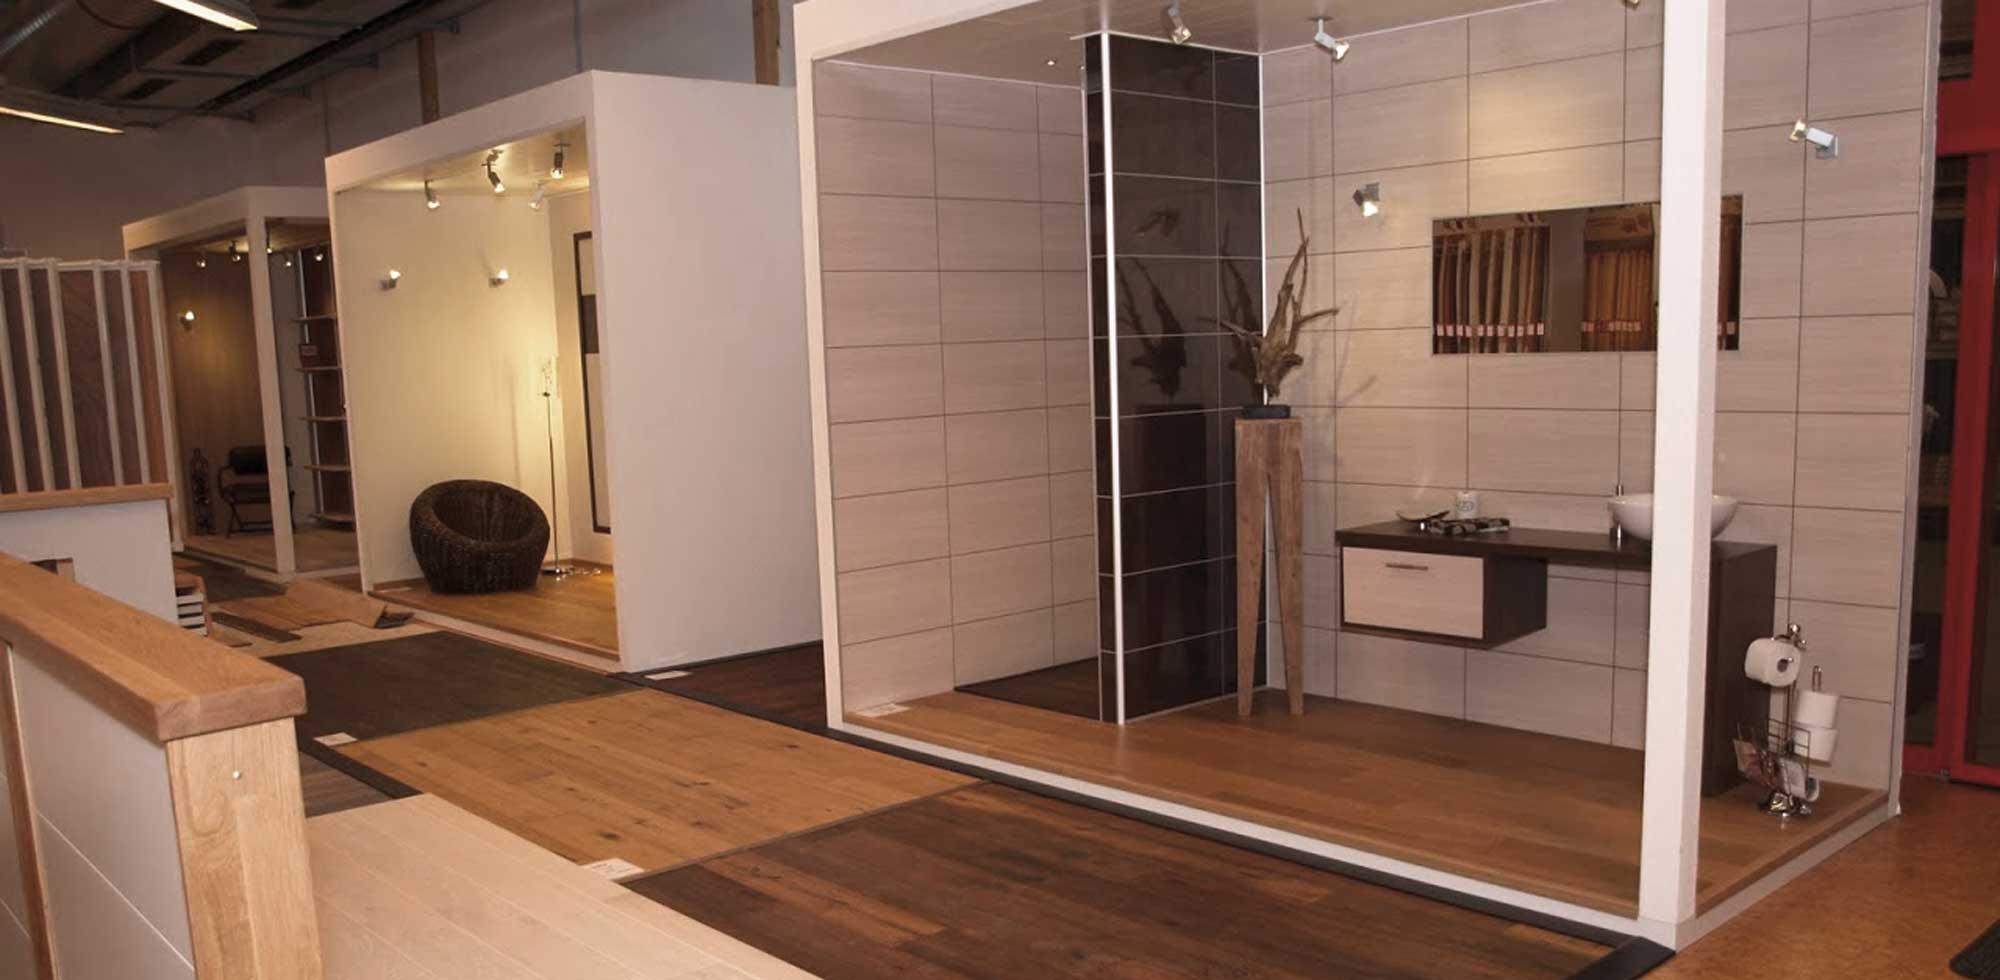 Bodenbeläge in Raumbeispielen in den Ausstellungen von HolzLand Verbeek